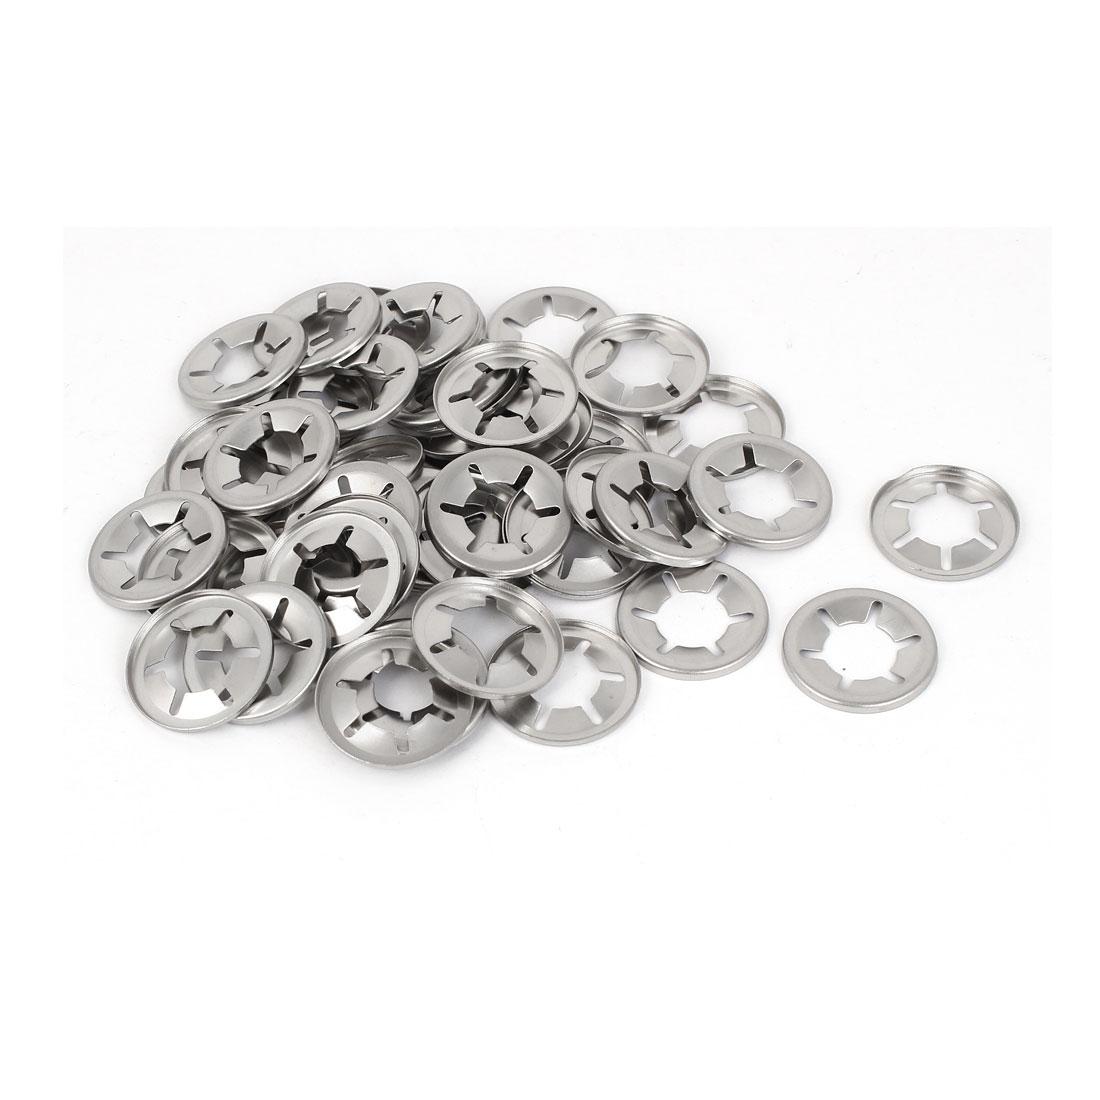 14mm Inner Diameter 304 Stainless Steel Starlock Locking Washers 50 Pcs